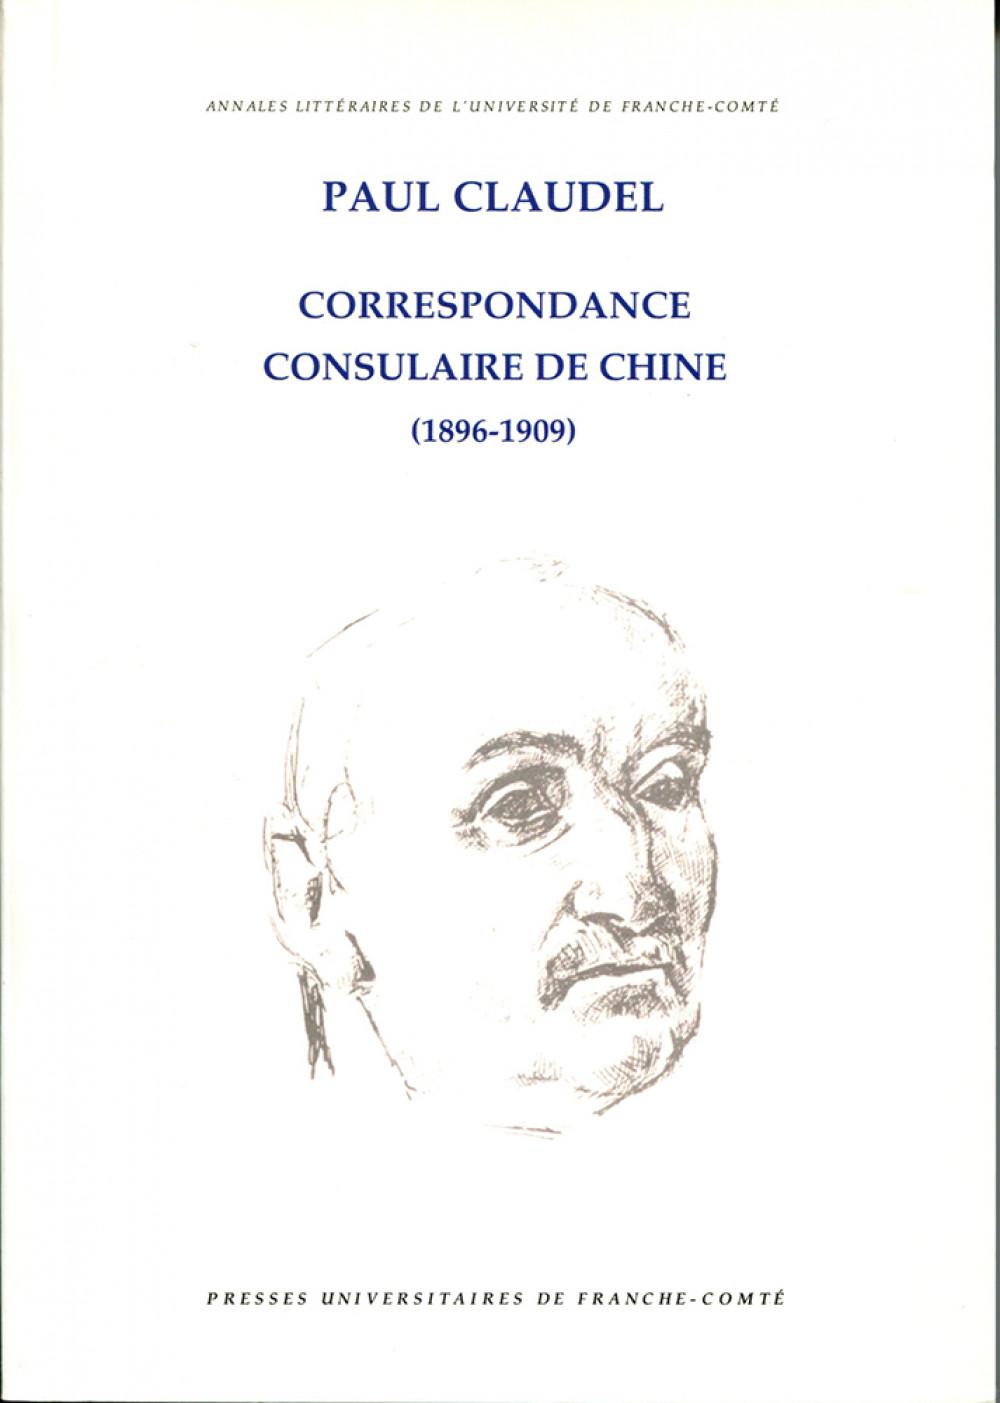 Paul Claudel. Correspondance consulaire de Chine (1896-1909)